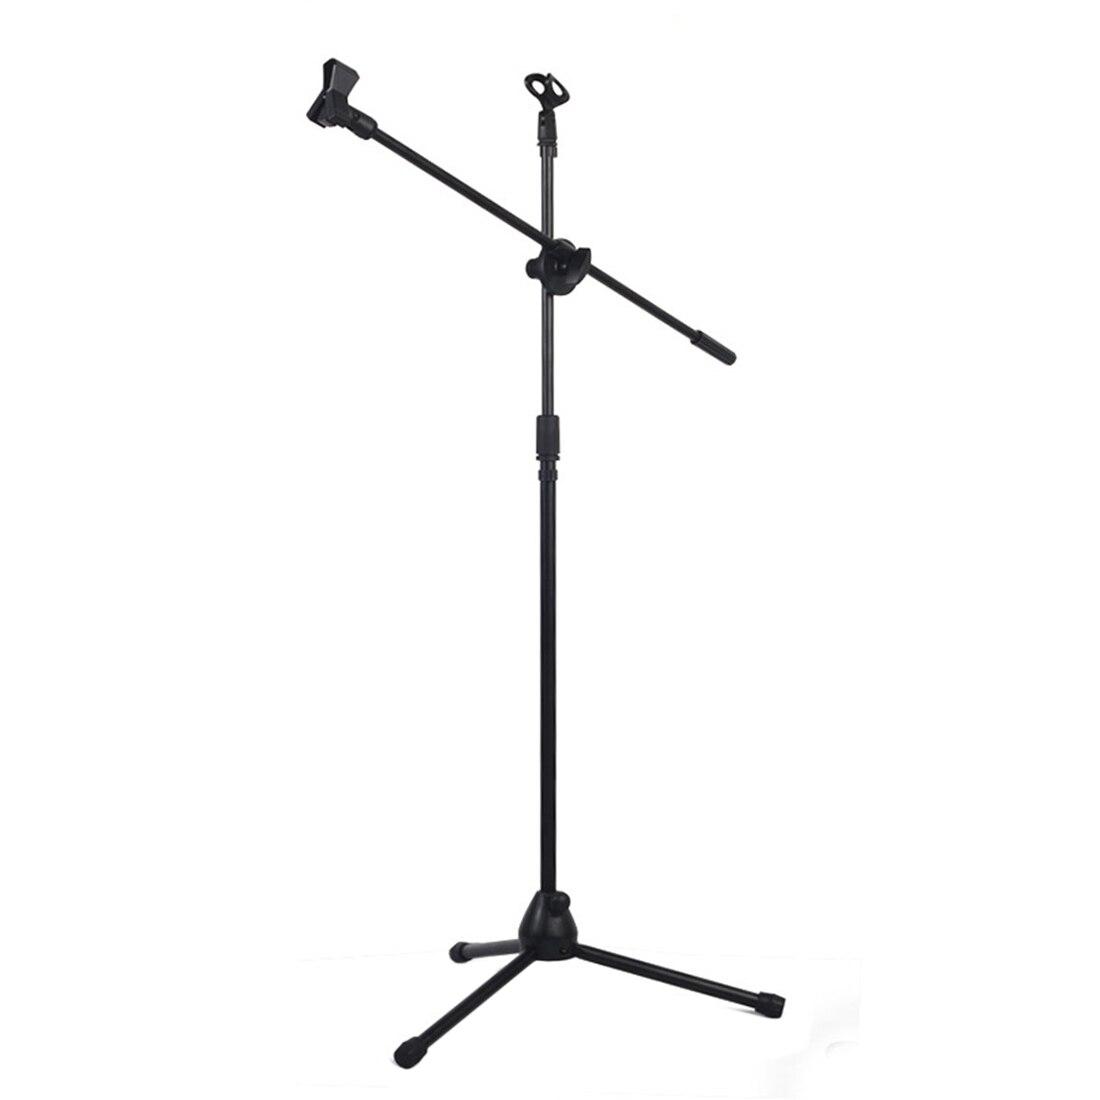 Профессиональный штатив для микрофона с поворотной стрелой, напольная подставка, регулируемый держатель для микрофона, съемная подставка ...